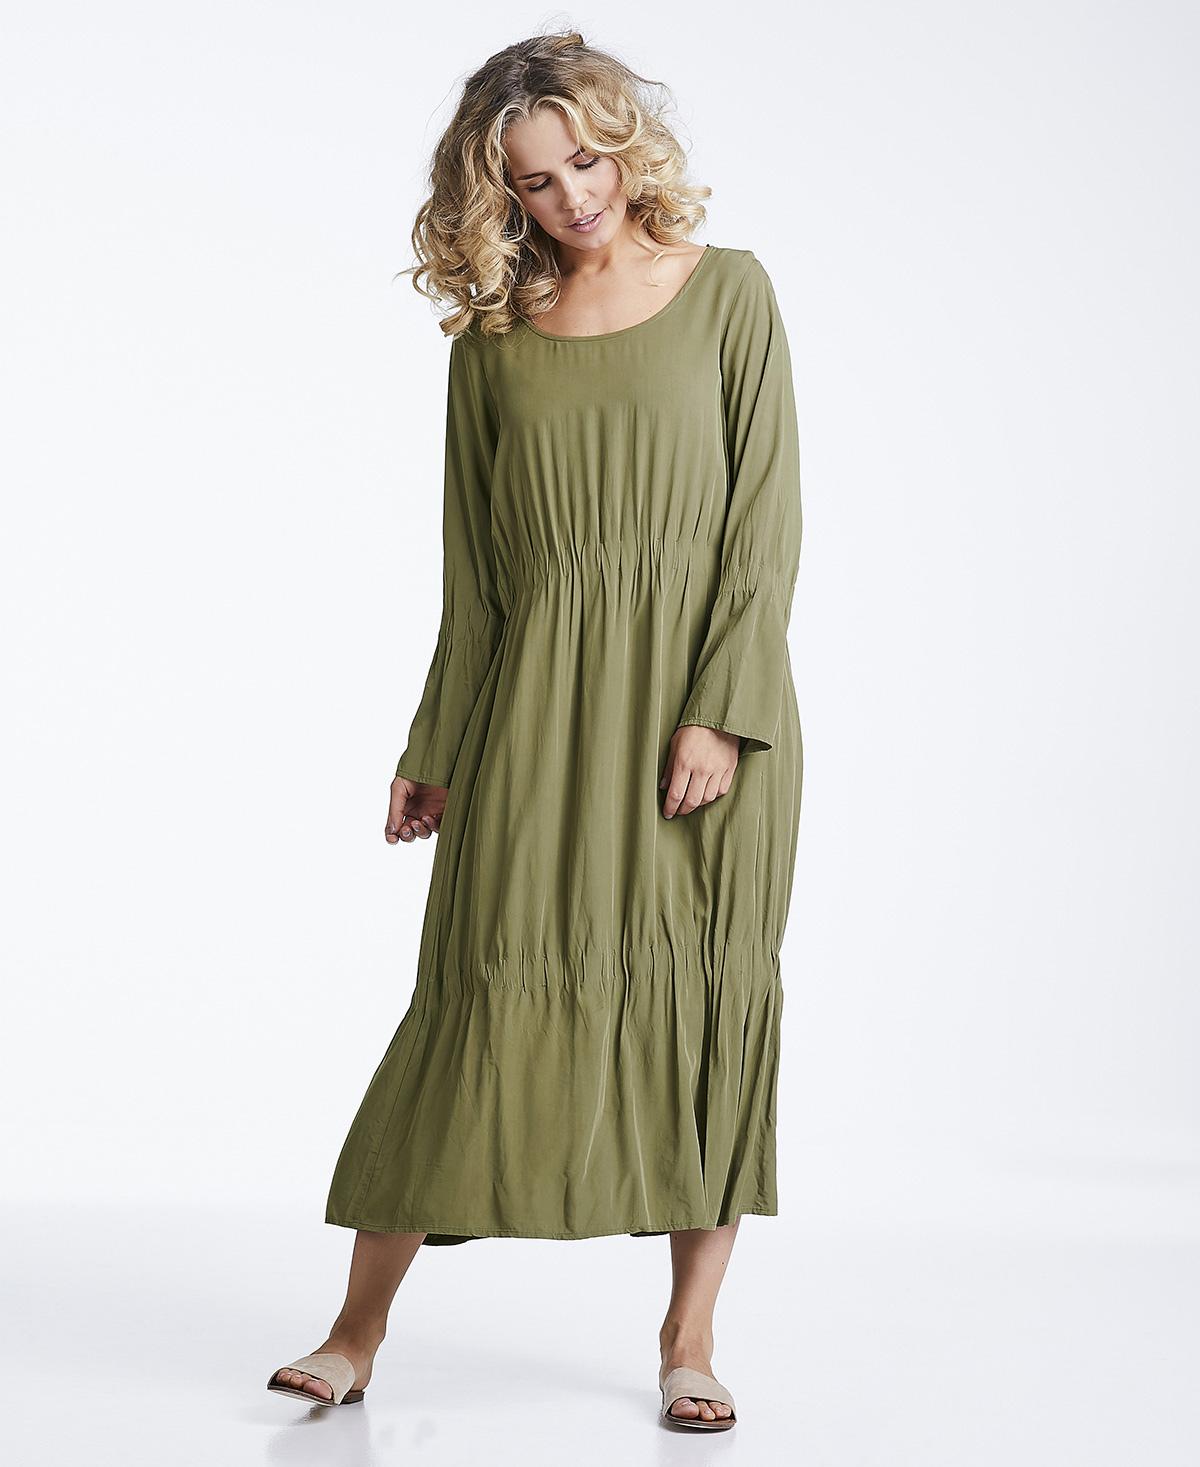 Line of Oslo grønn kjole med lang armer. Ester armygrønn kjole.